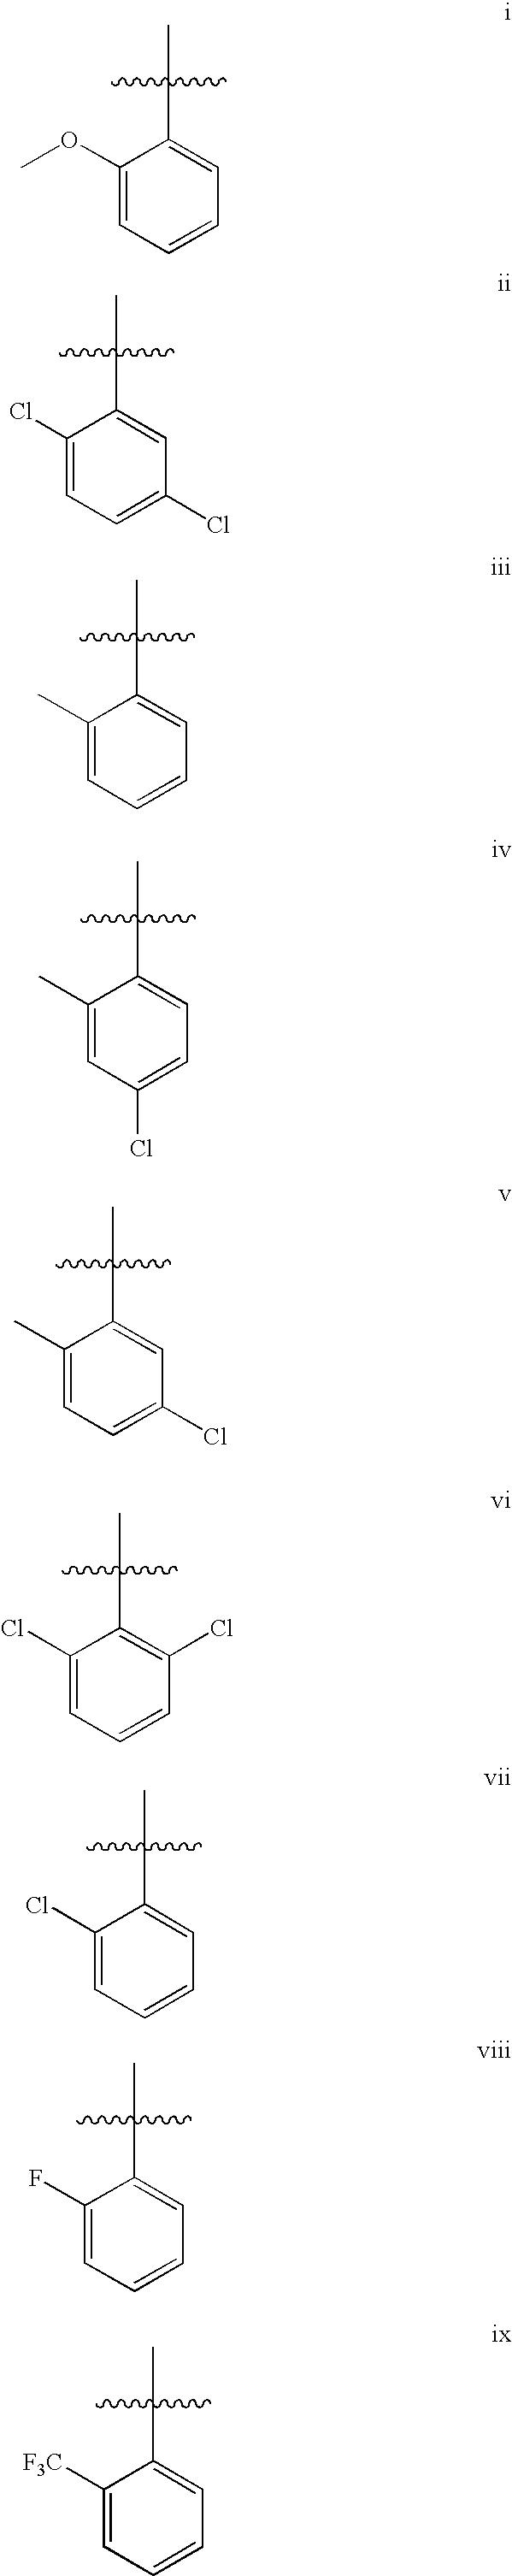 Figure US07396857-20080708-C00008